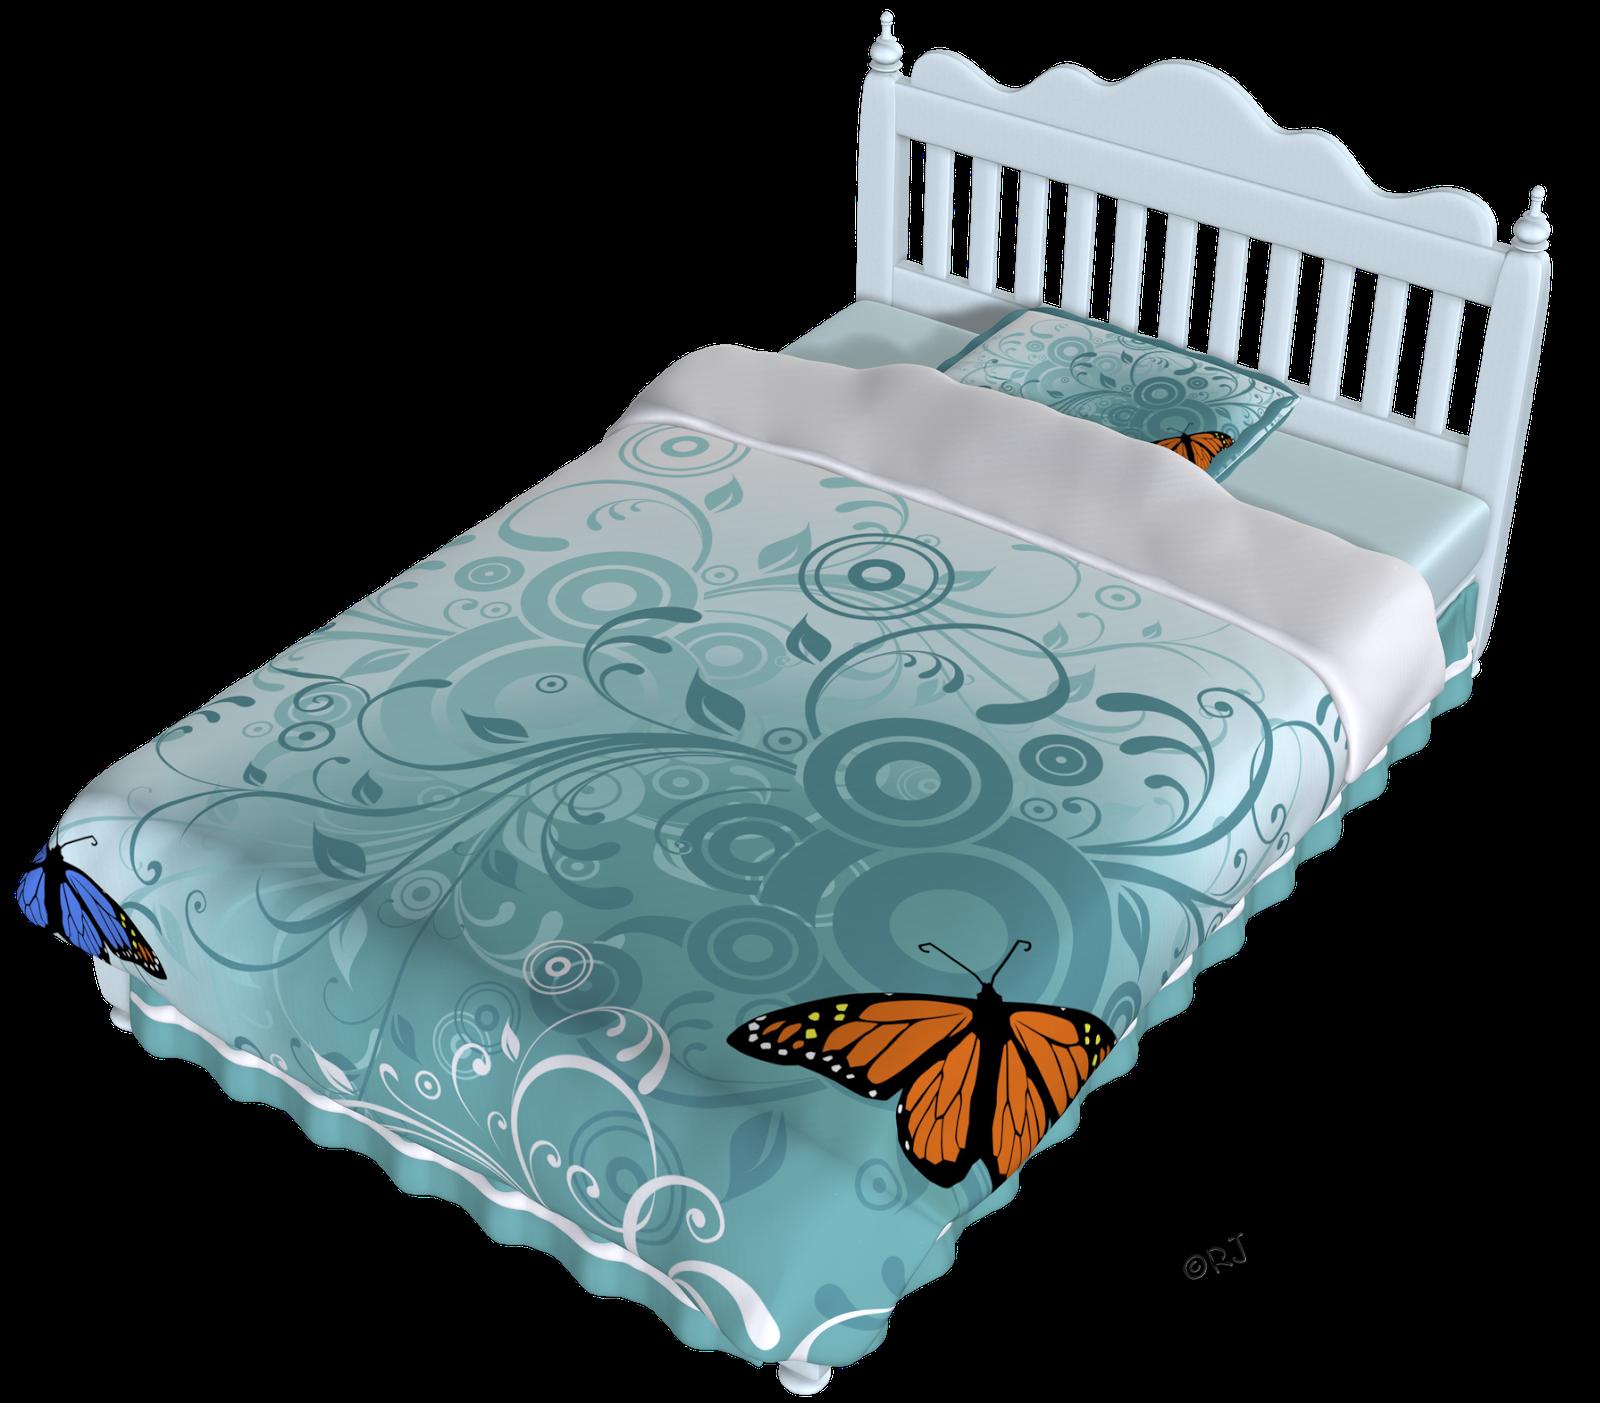 Clipart bed broken bed. Rjs bits bobs props